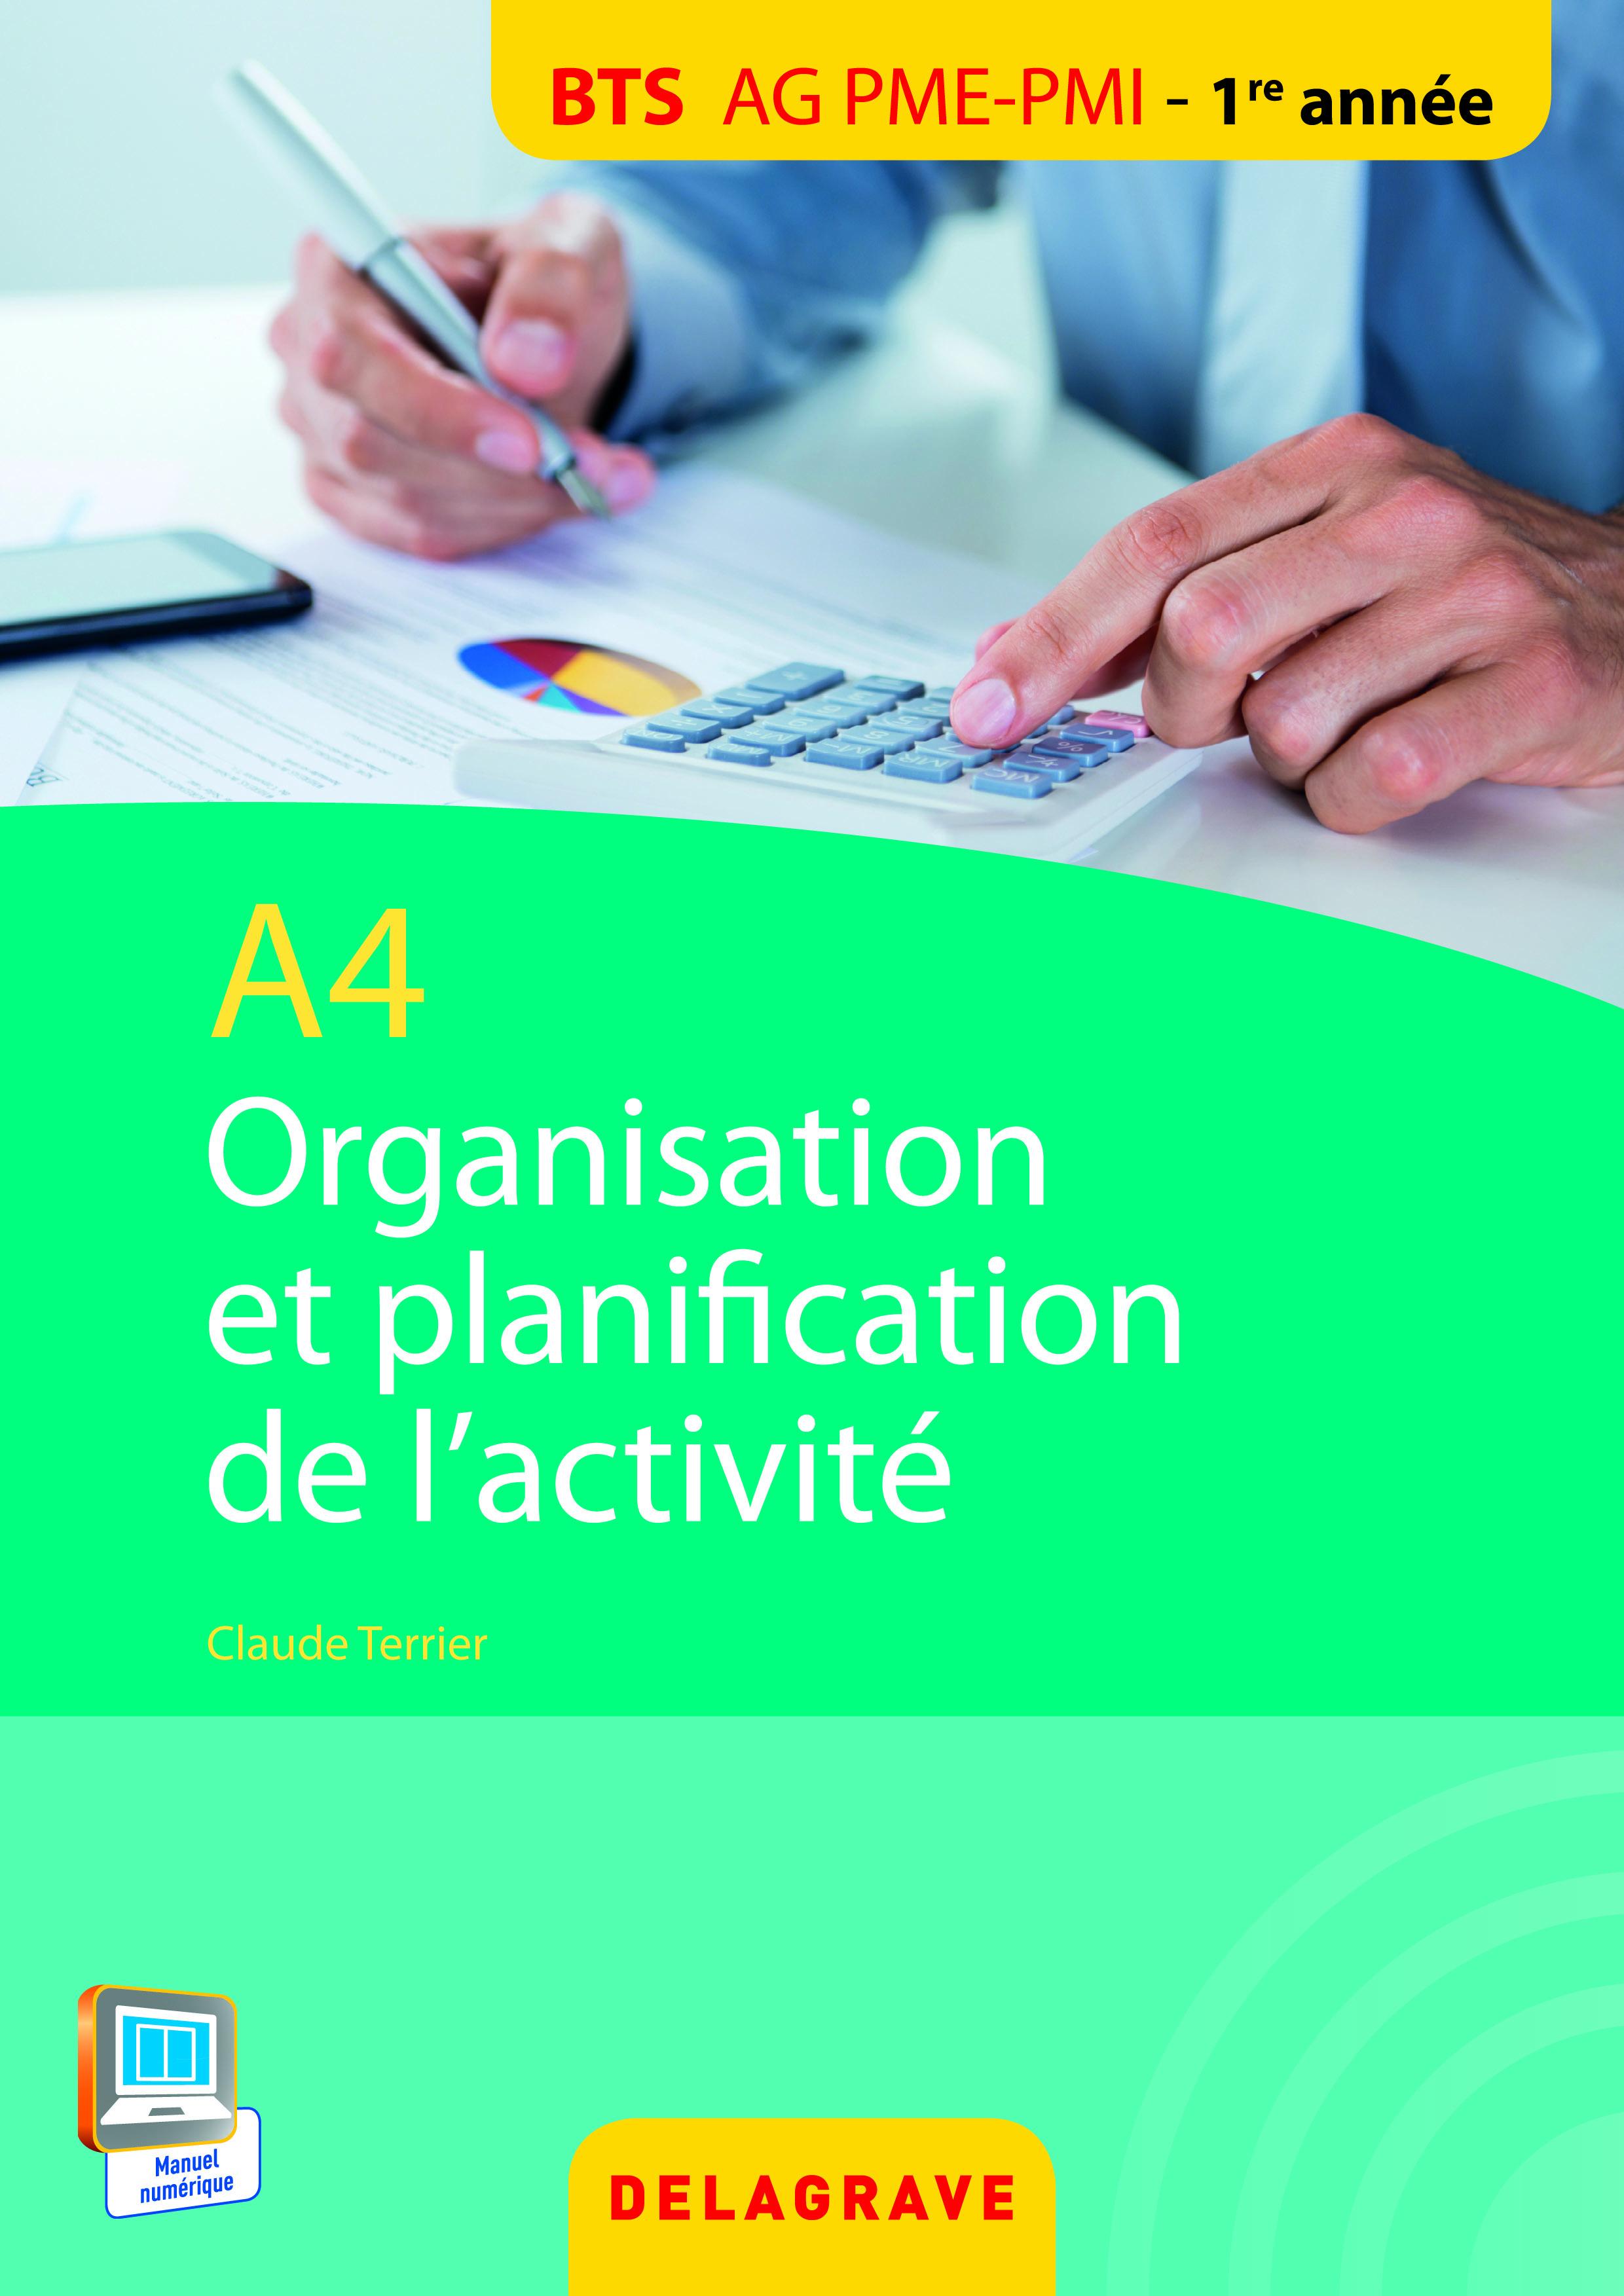 A4 ORGANISATION ET PLANIFICATION DE L'ACTIVITE BTS AG PME PMI ELEVE